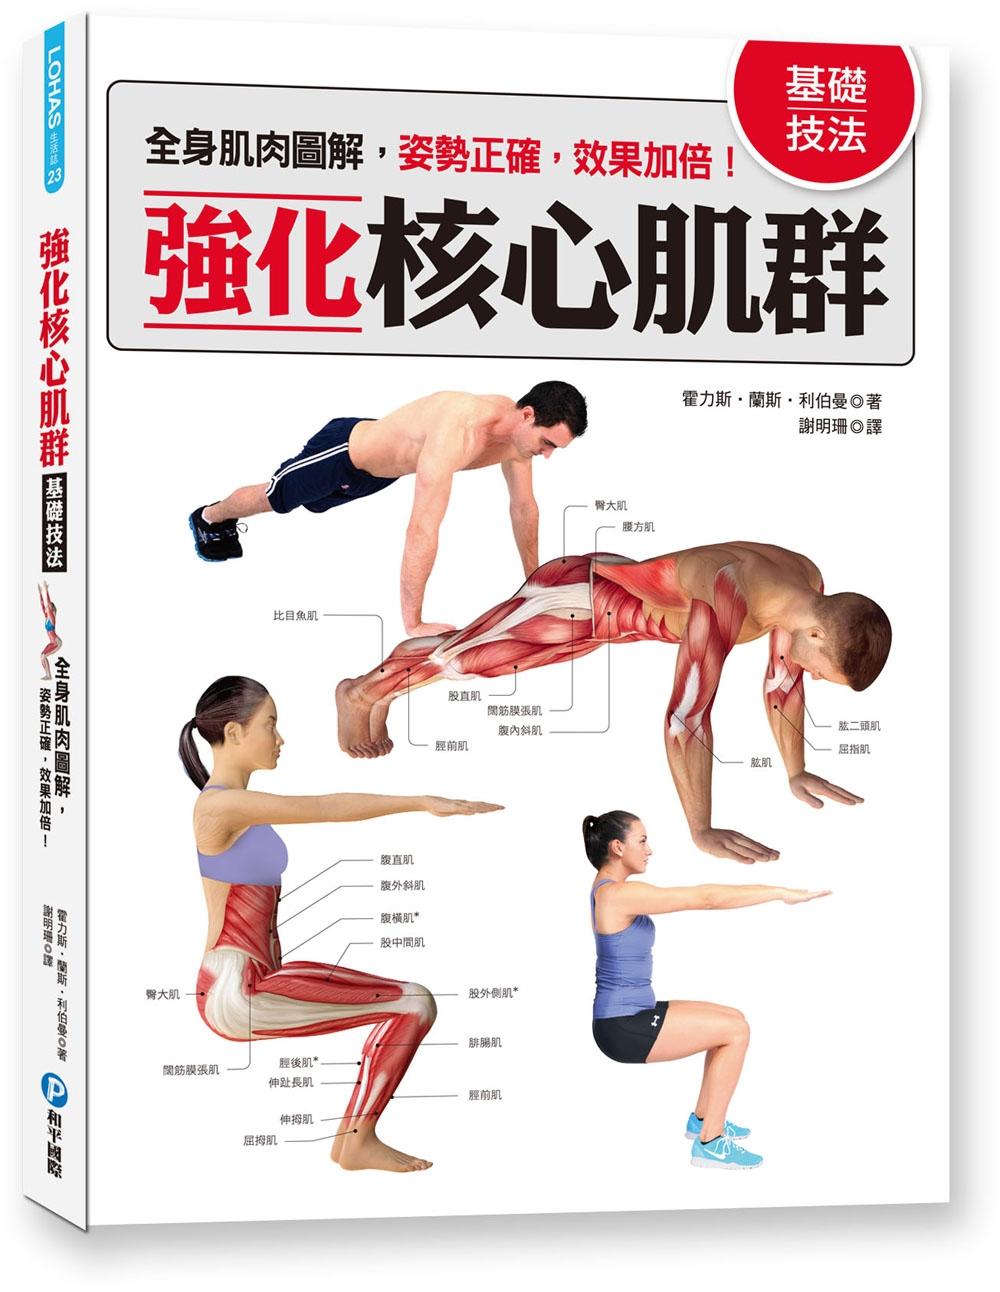 強化核心肌群基礎技法:全身肌肉圖解,姿勢正確,效果加倍!